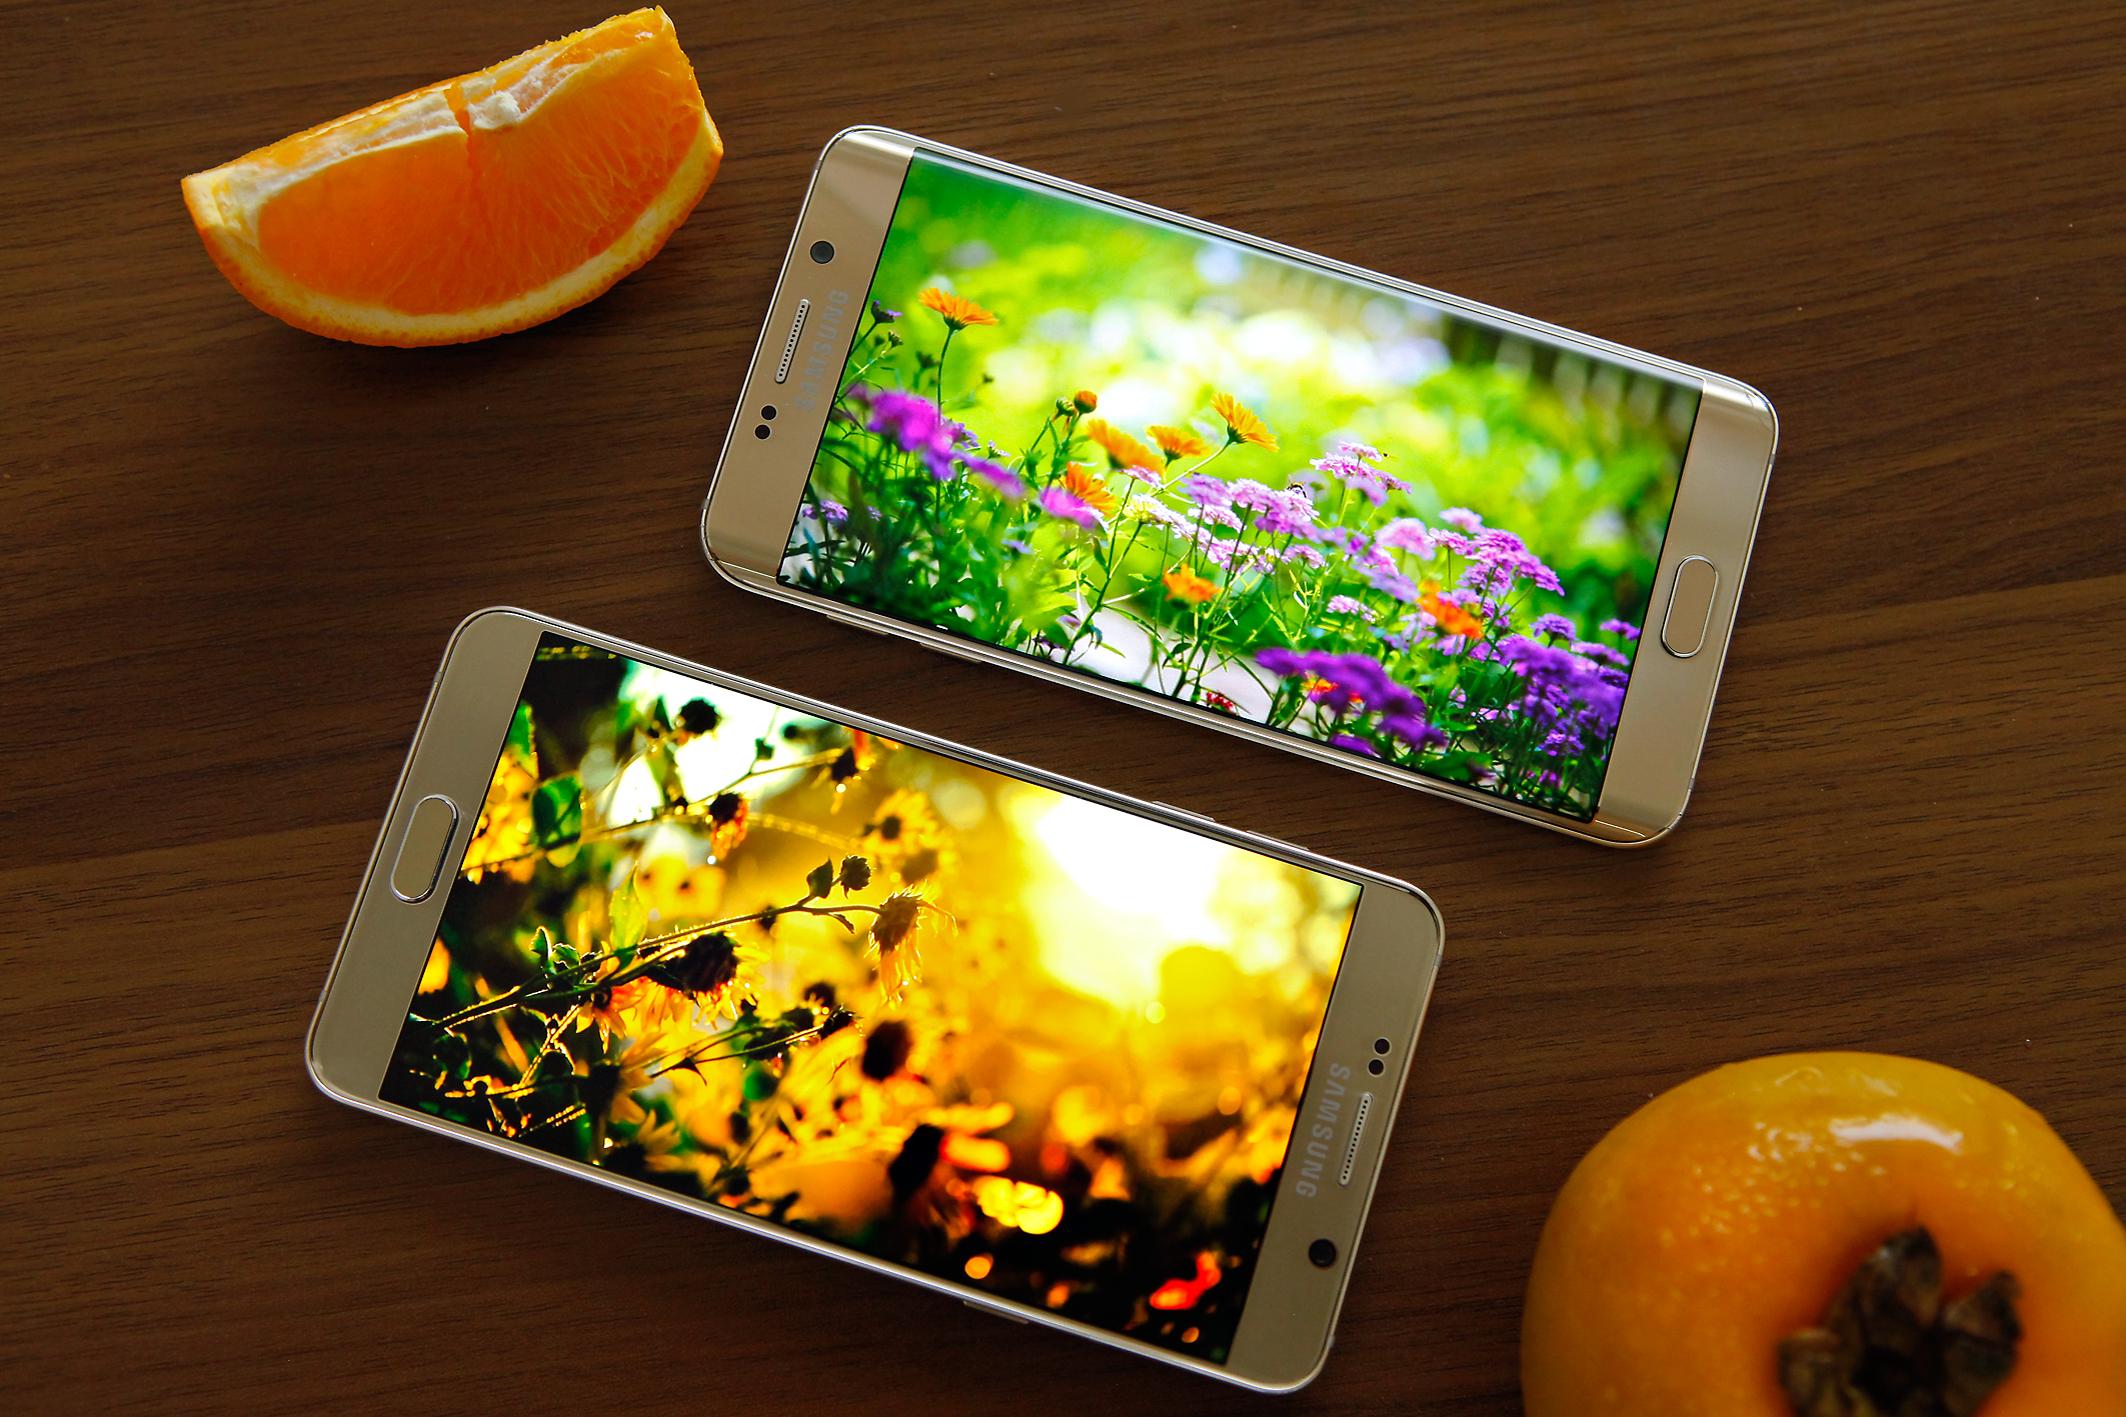 Diện mạo Galaxy S6 Edge Plus và Note 5 có gì khác biệt